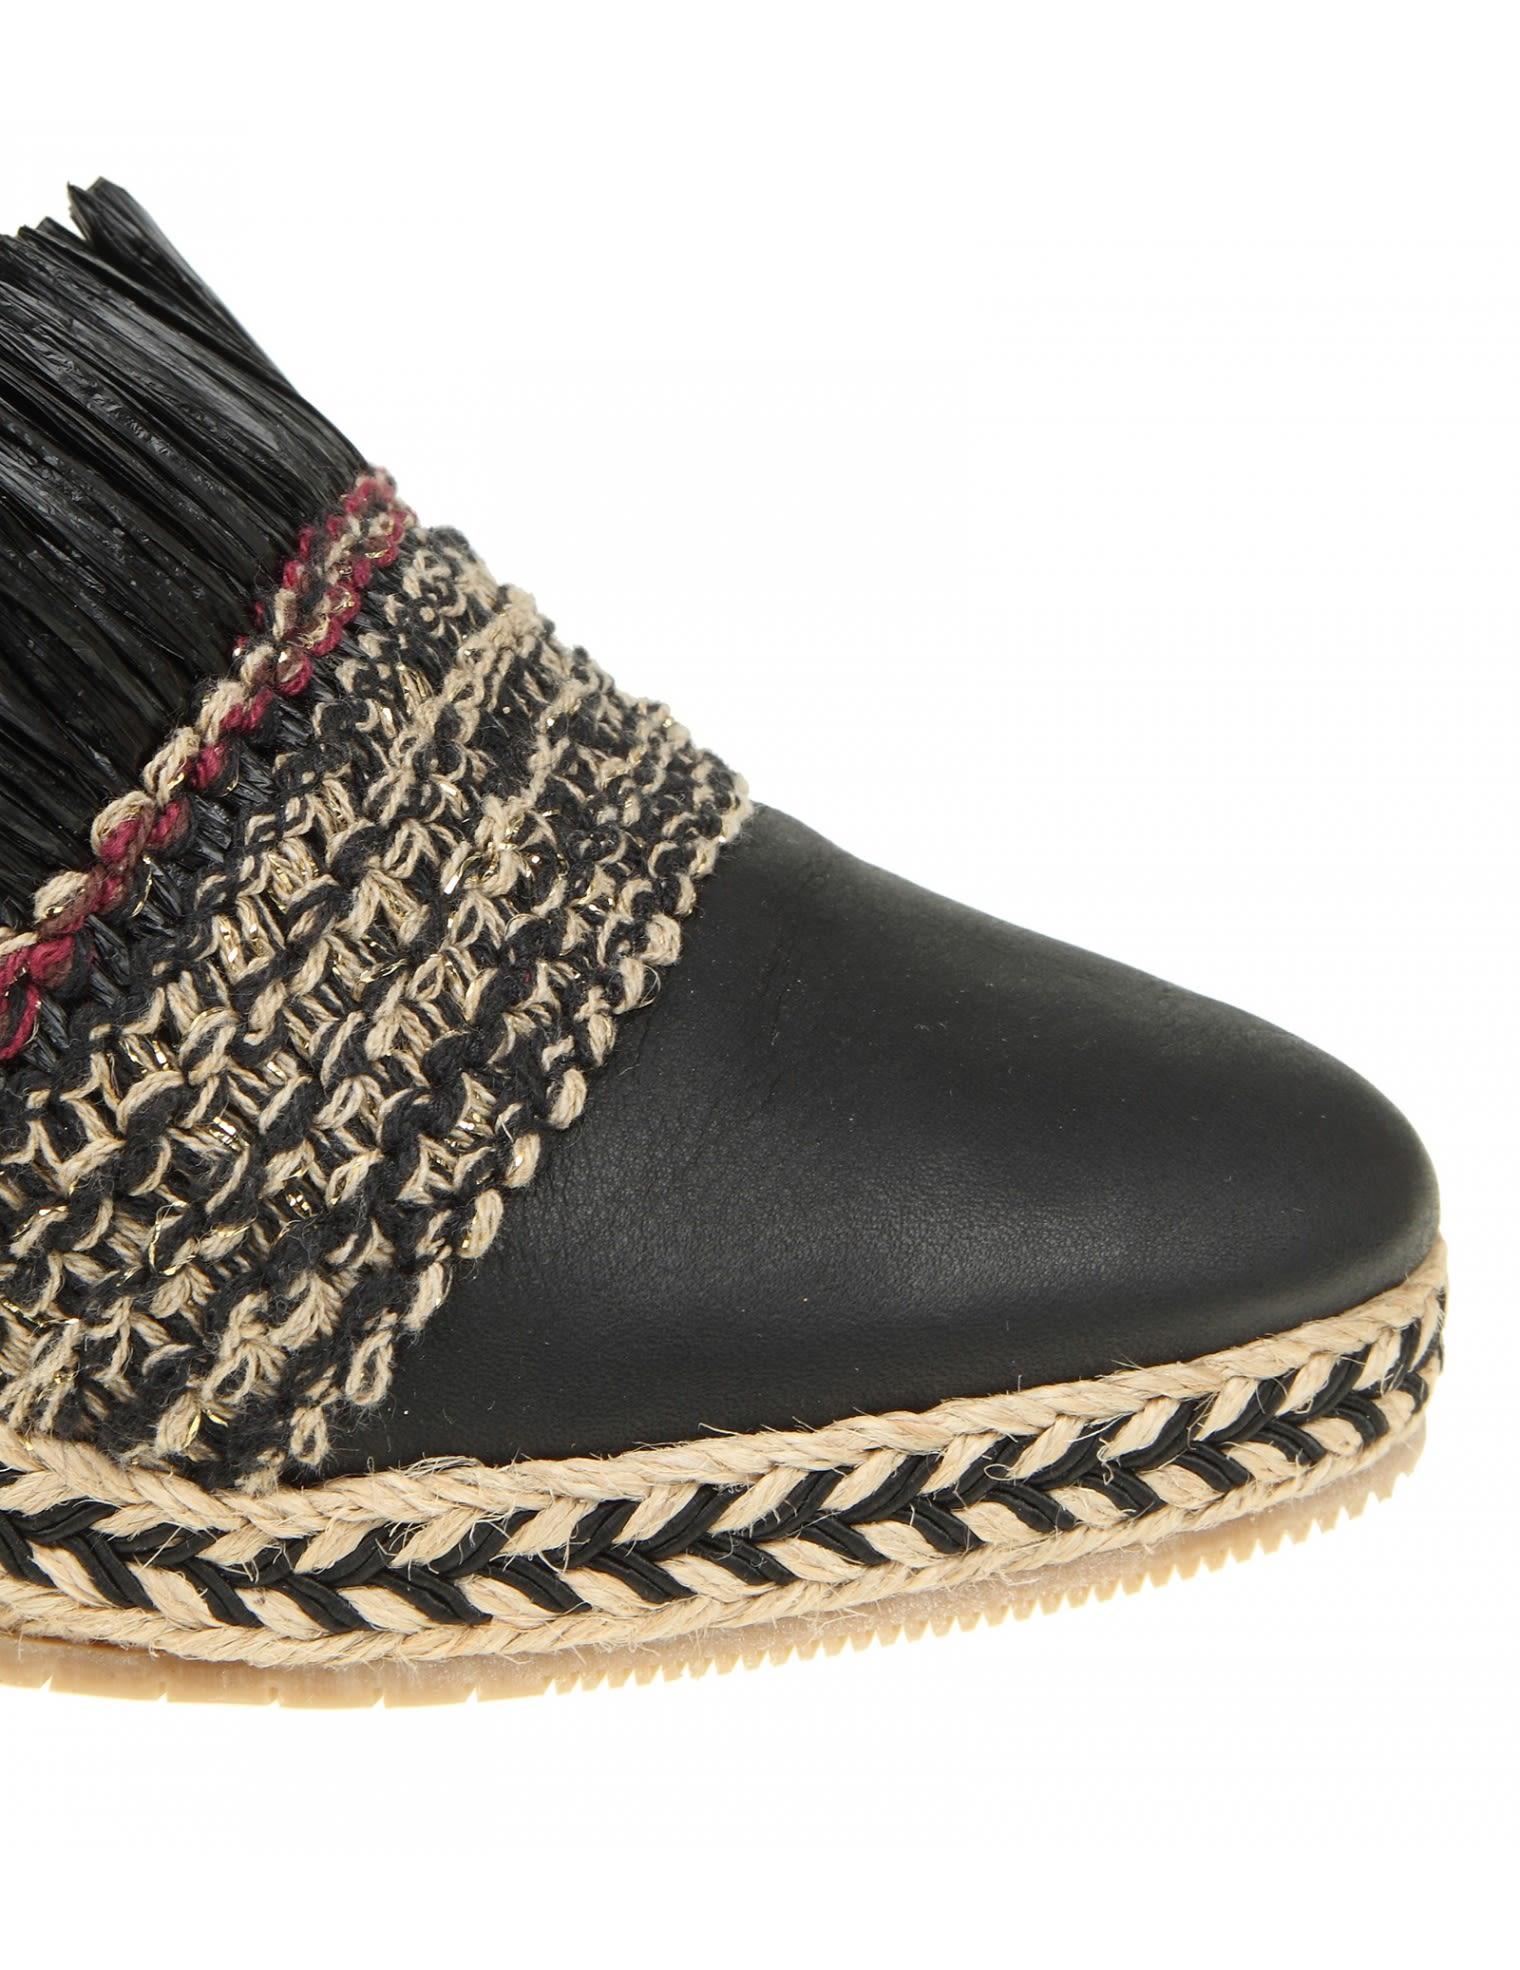 Black Llaten sandals Paloma Barceló Discount Wholesale Md7bv9m